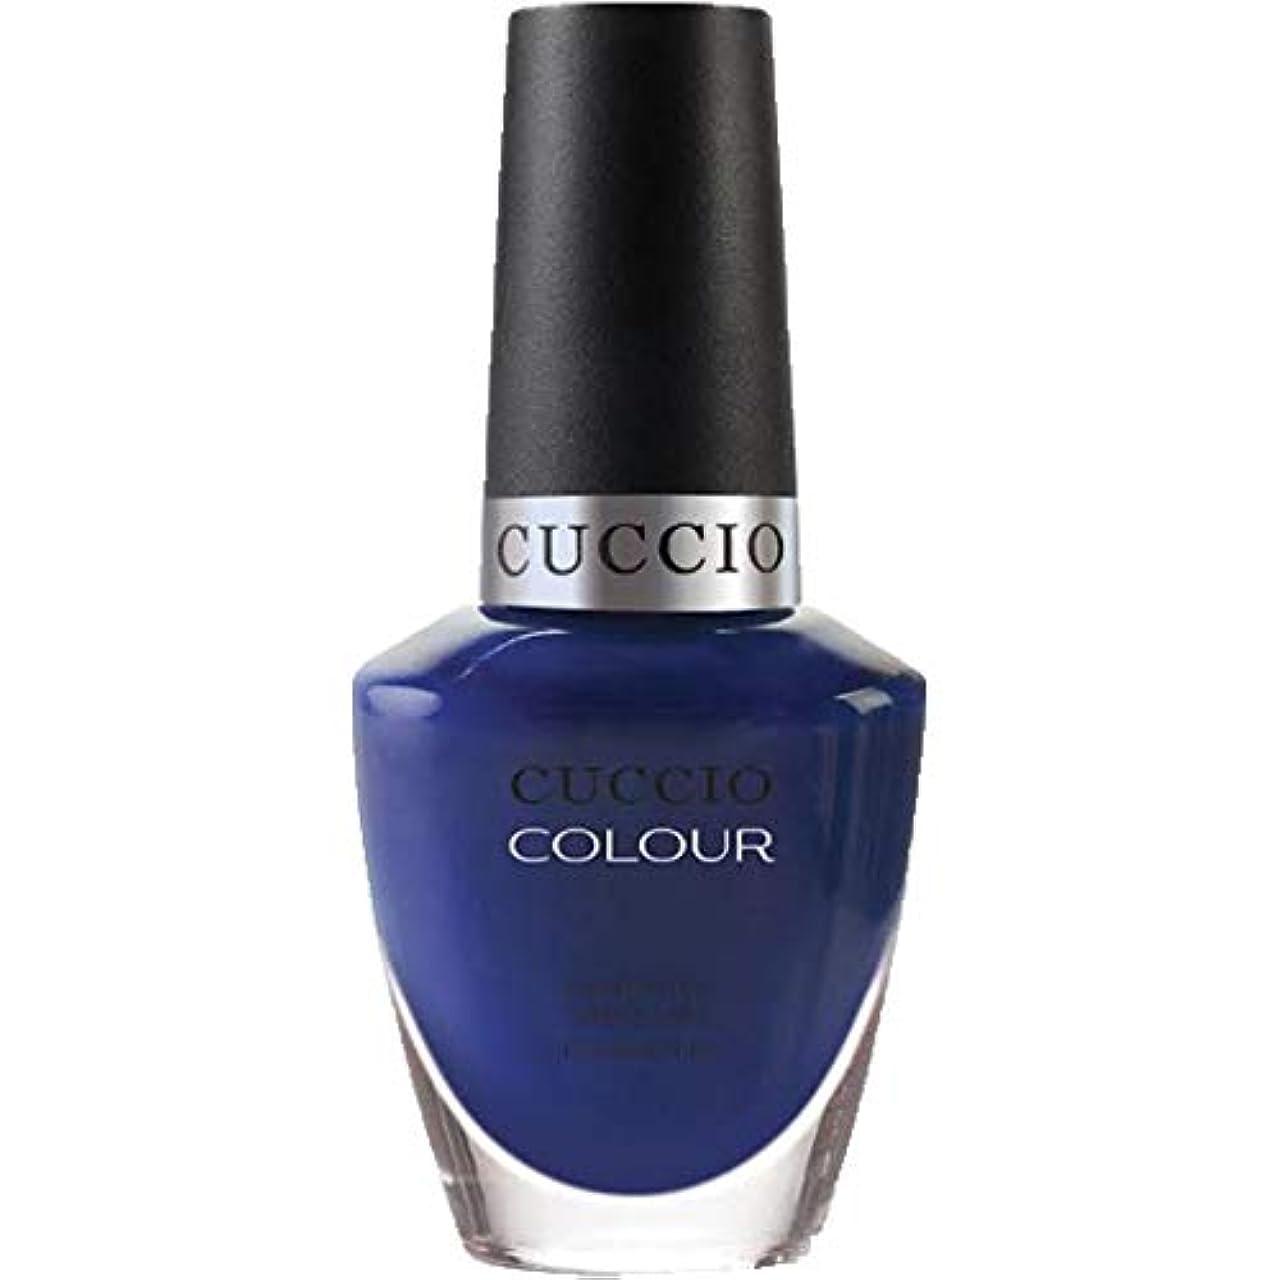 ジェット動物代わりにCuccio Colour Gloss Lacquer - Lauren Blucall - 0.43oz / 13ml